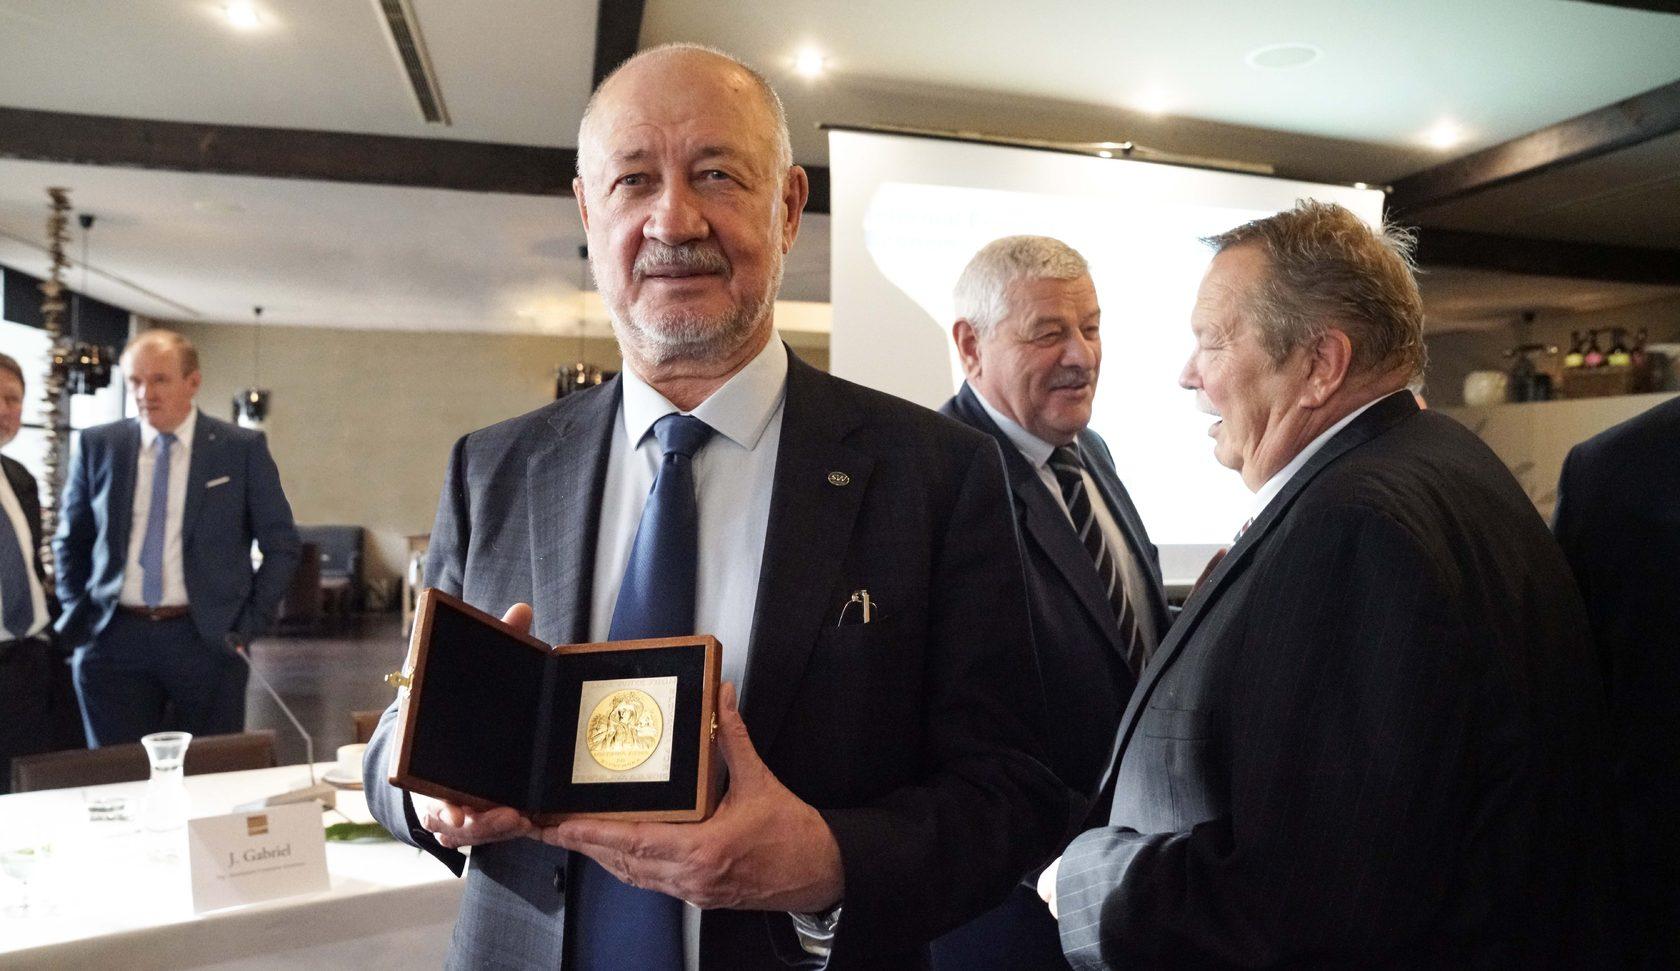 анатолия юницкого наградили словацкой международной премией мира